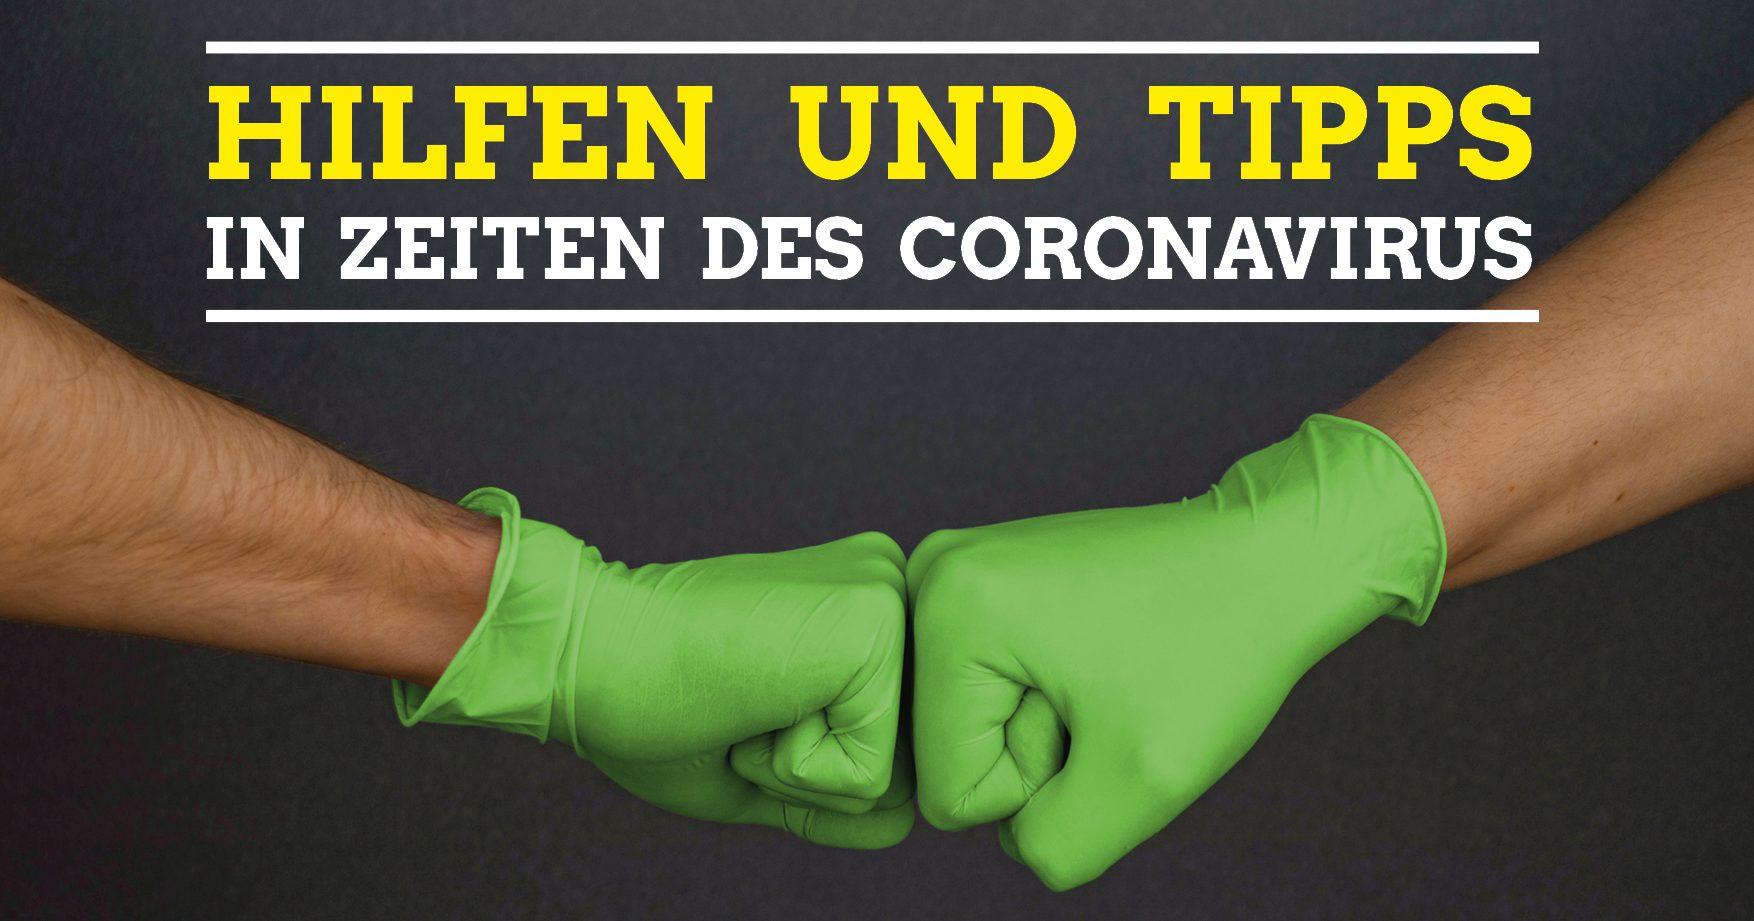 Auf einen Blick: Hilfe in Zeiten des Coronavirus